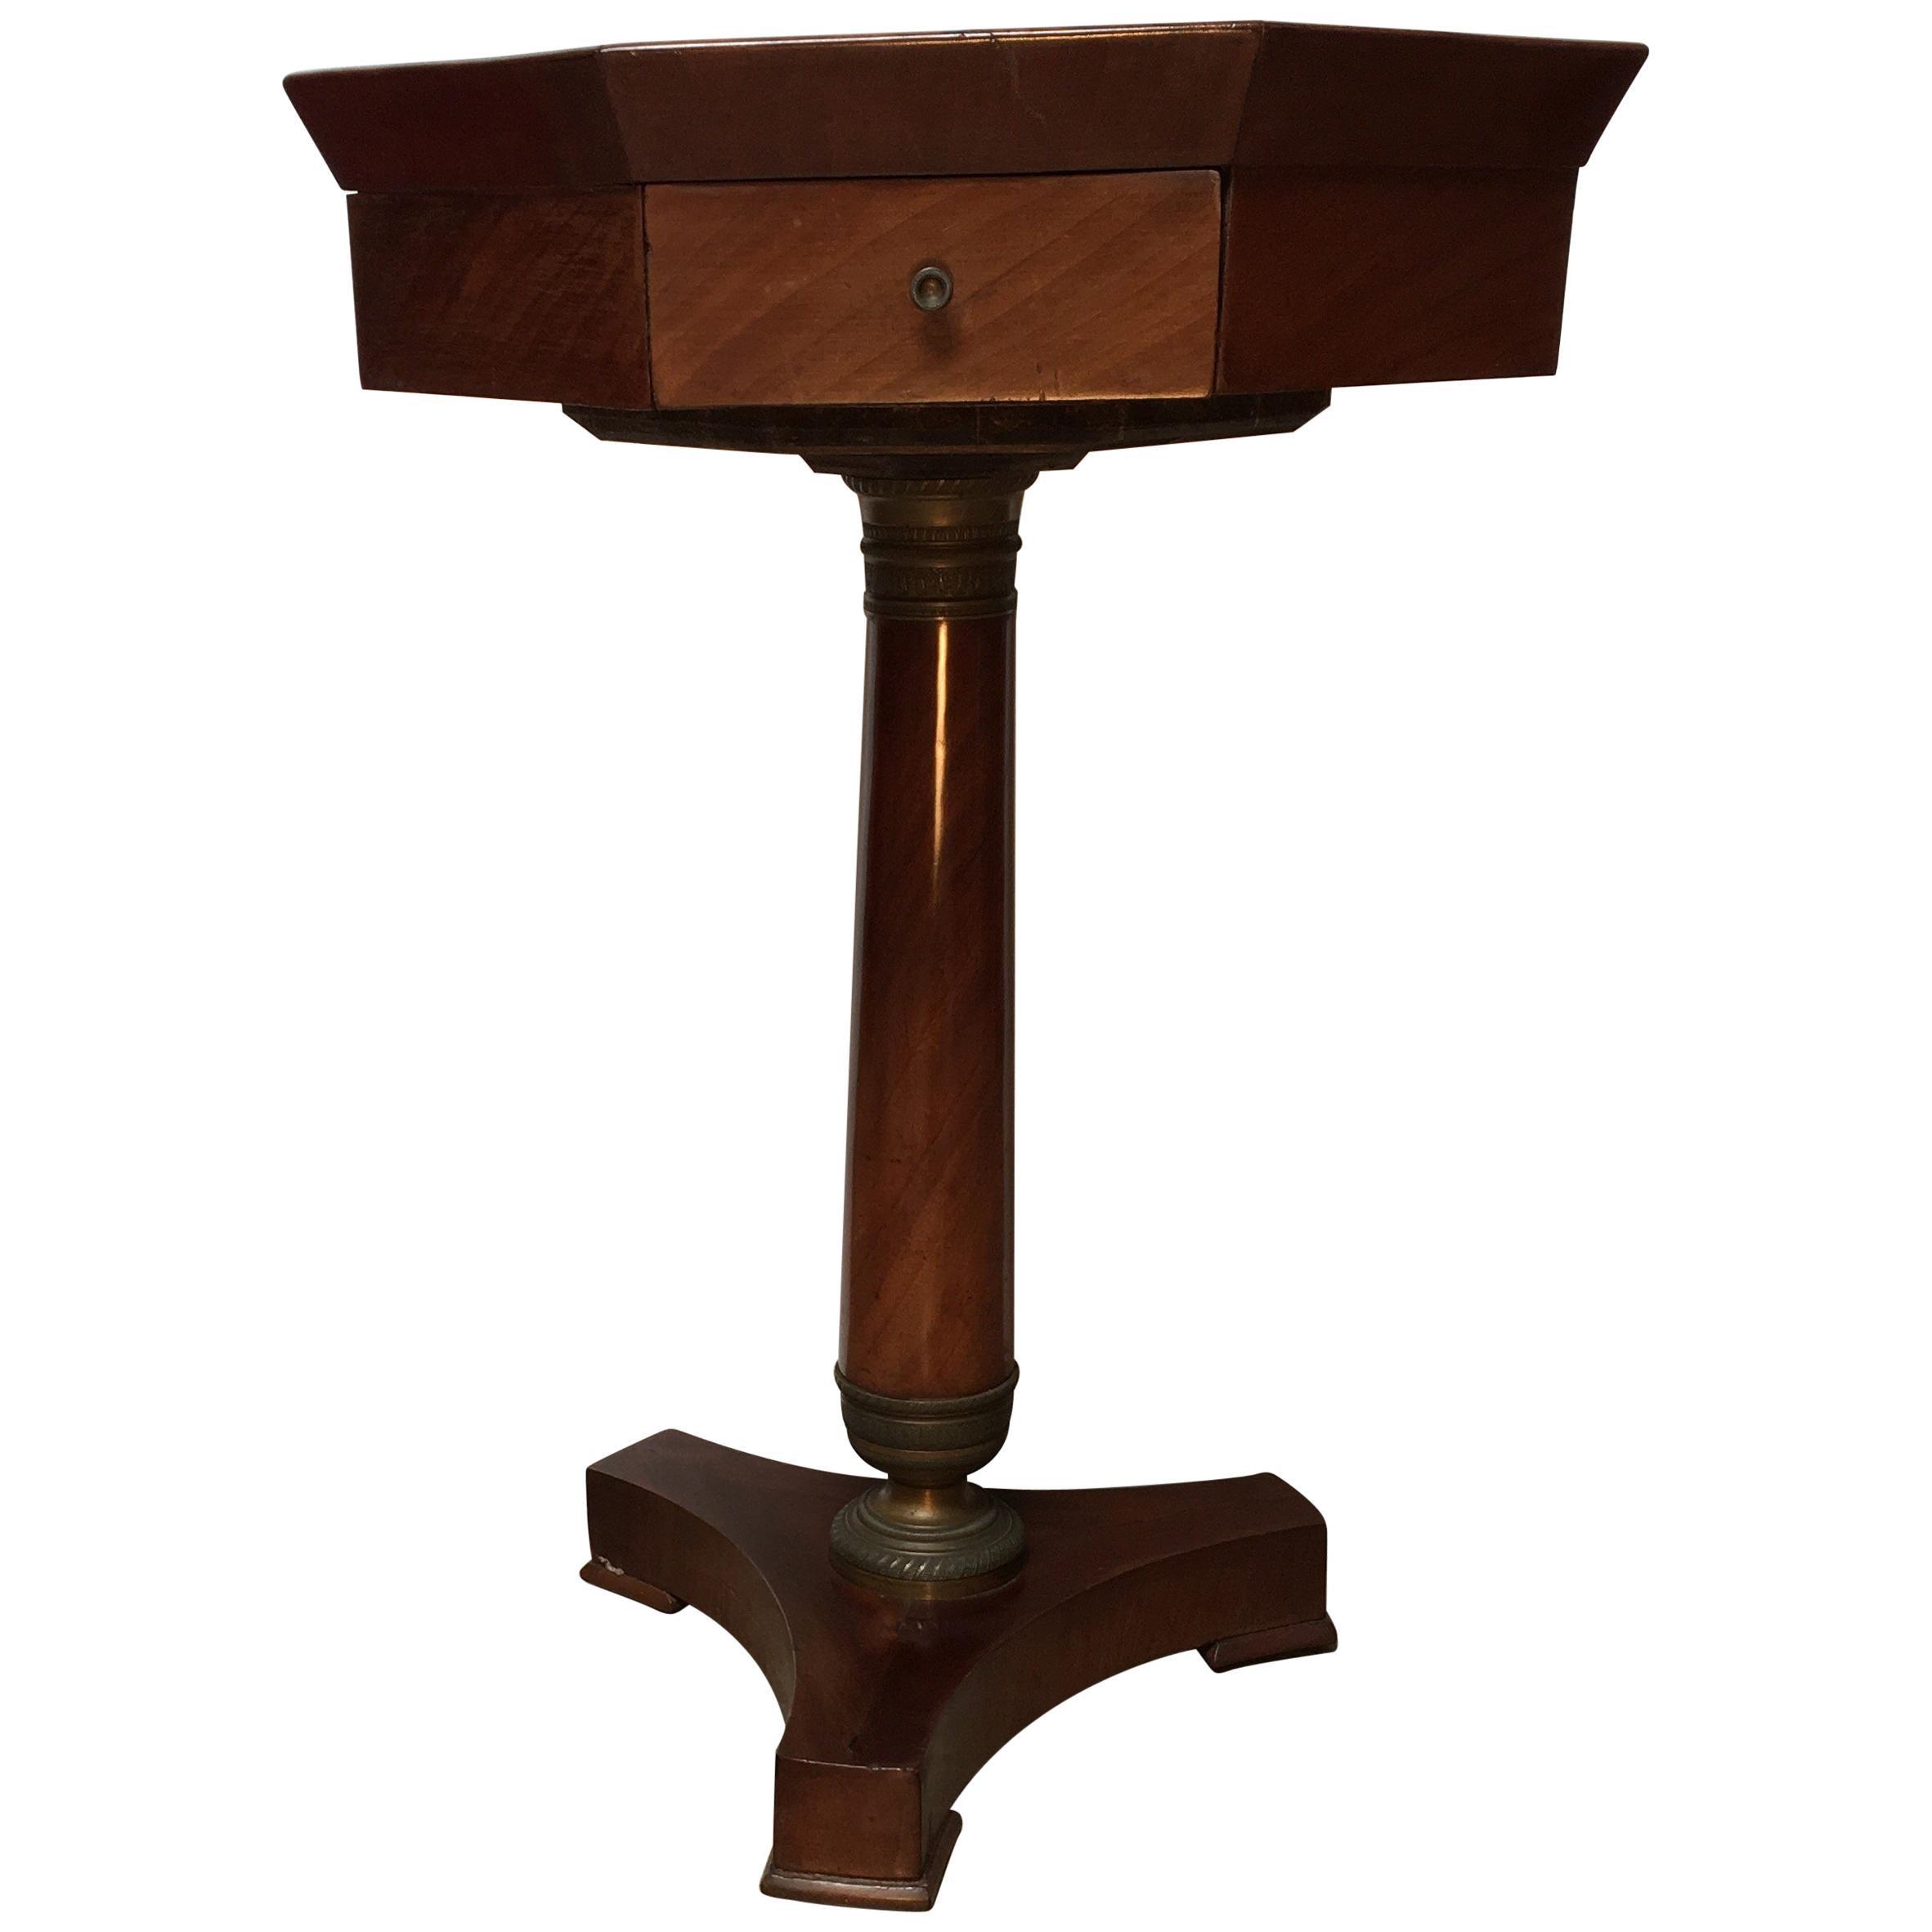 French Empire Style Mahogany Table